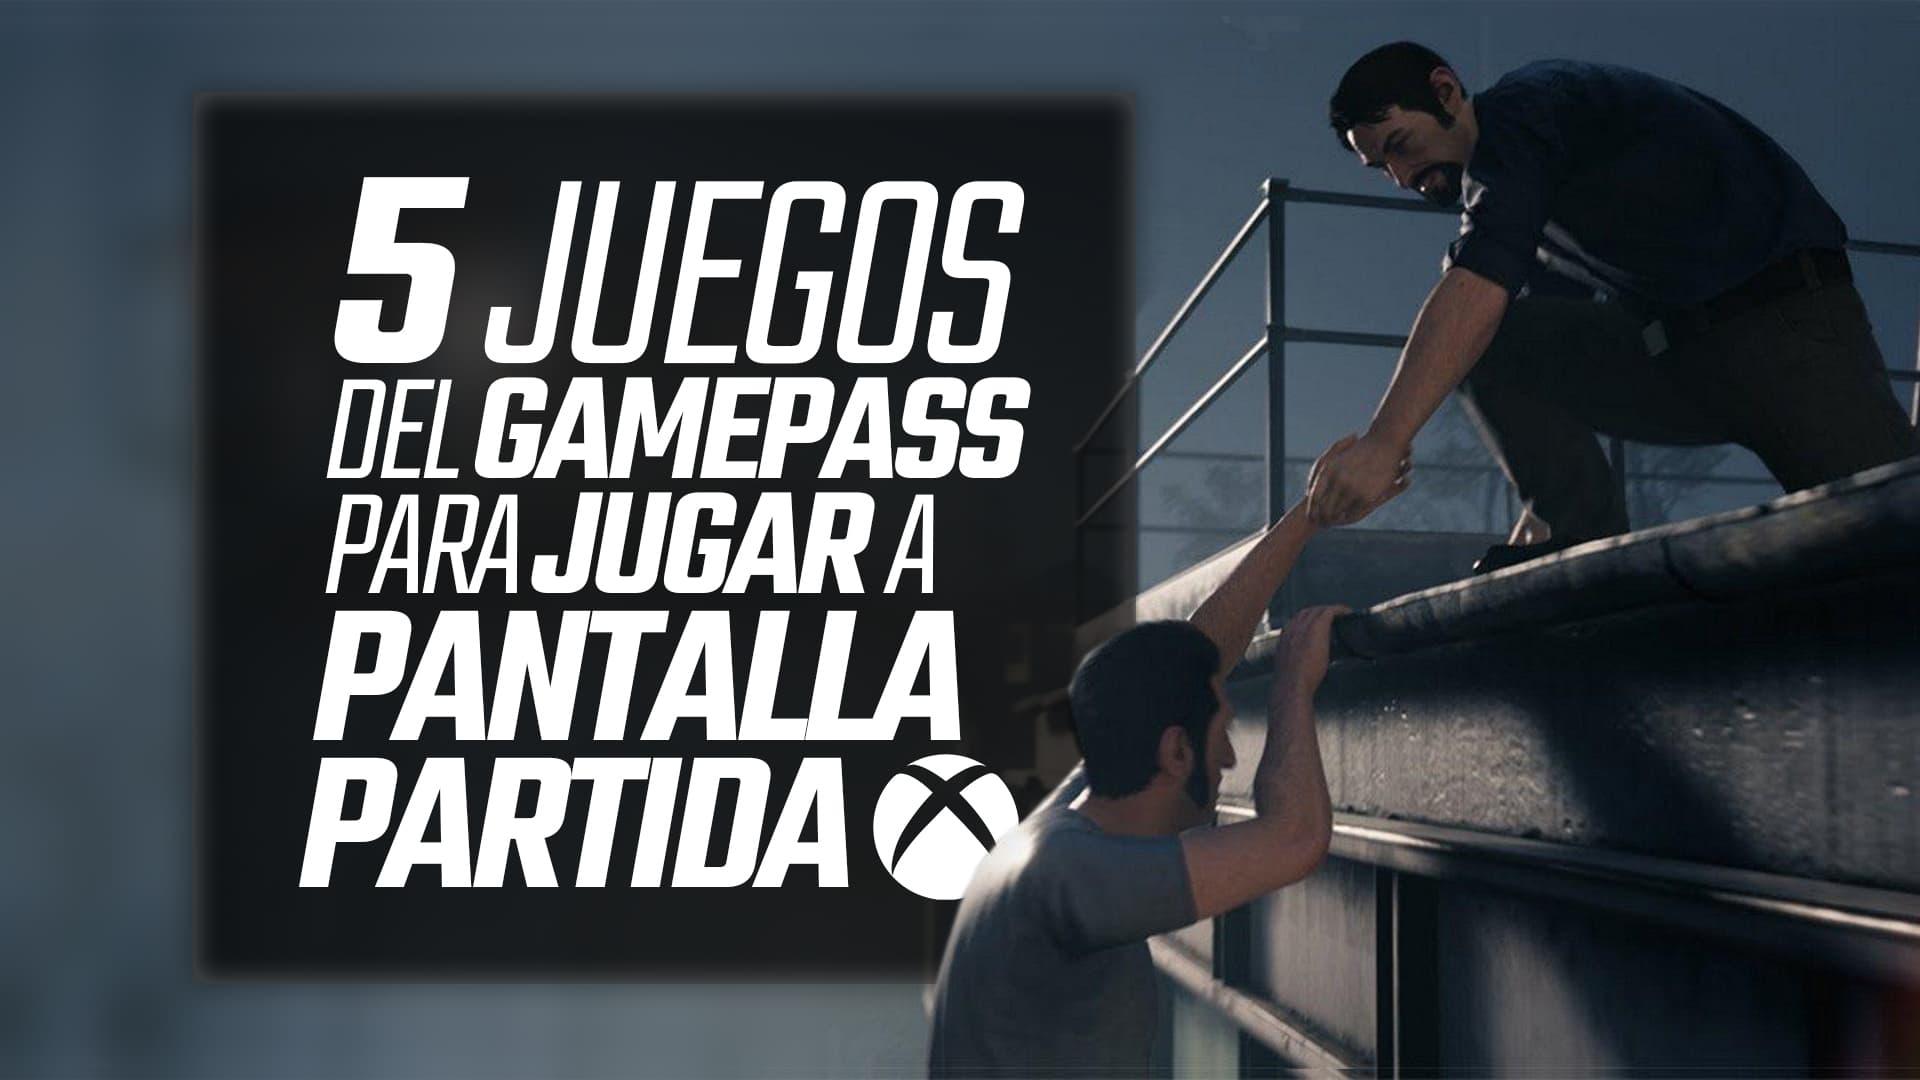 5 juegos de Xbox Game Pass para jugar a pantalla partida 1